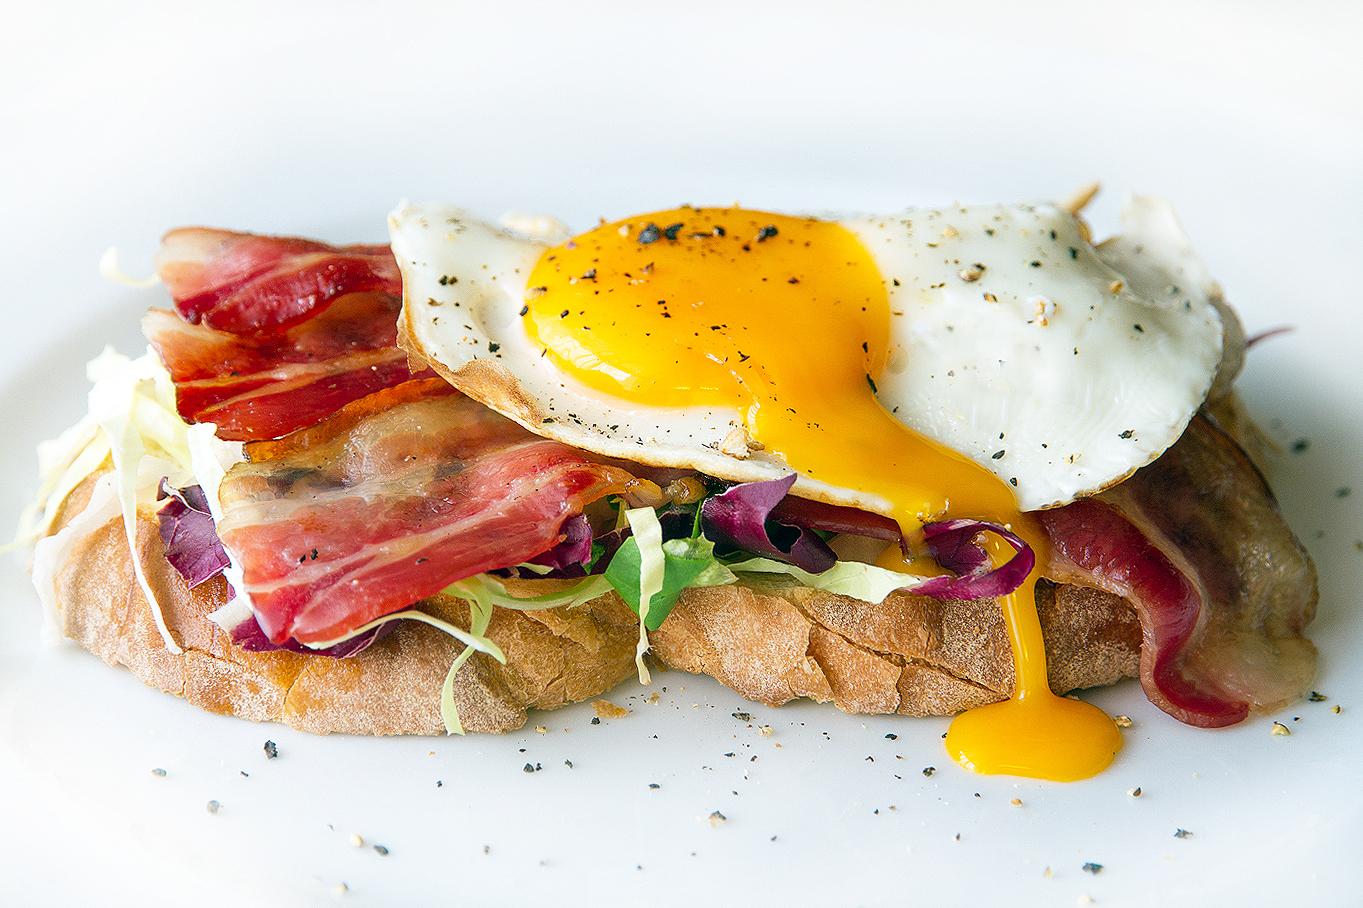 10 trucchi per migliorare le tue foto food